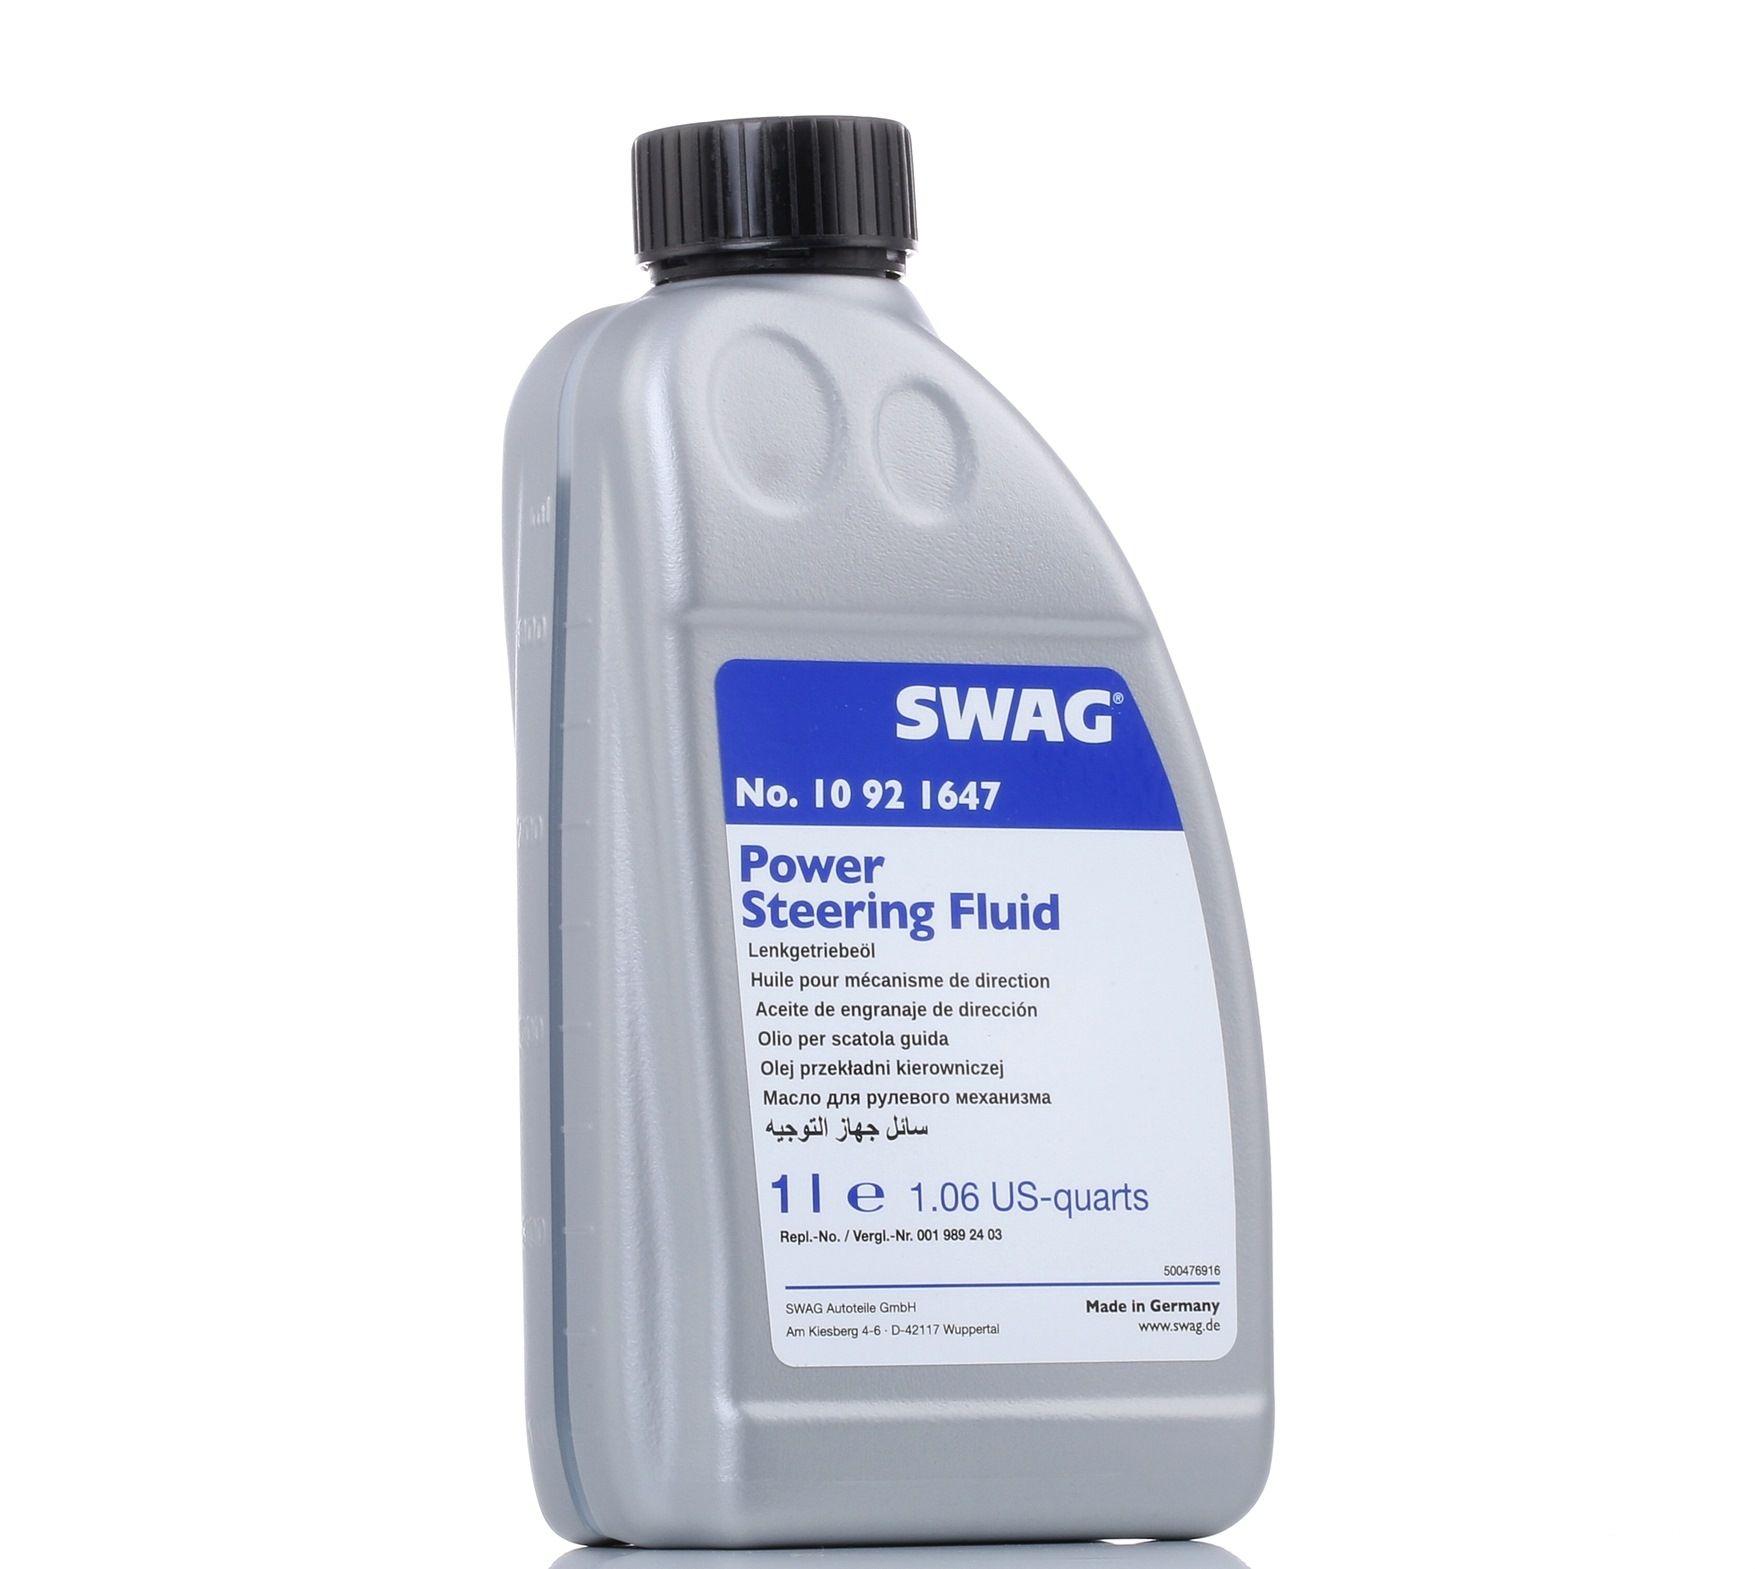 Zentralhydrauliköl 10 92 1647 im online SWAG Teile Ausverkauf